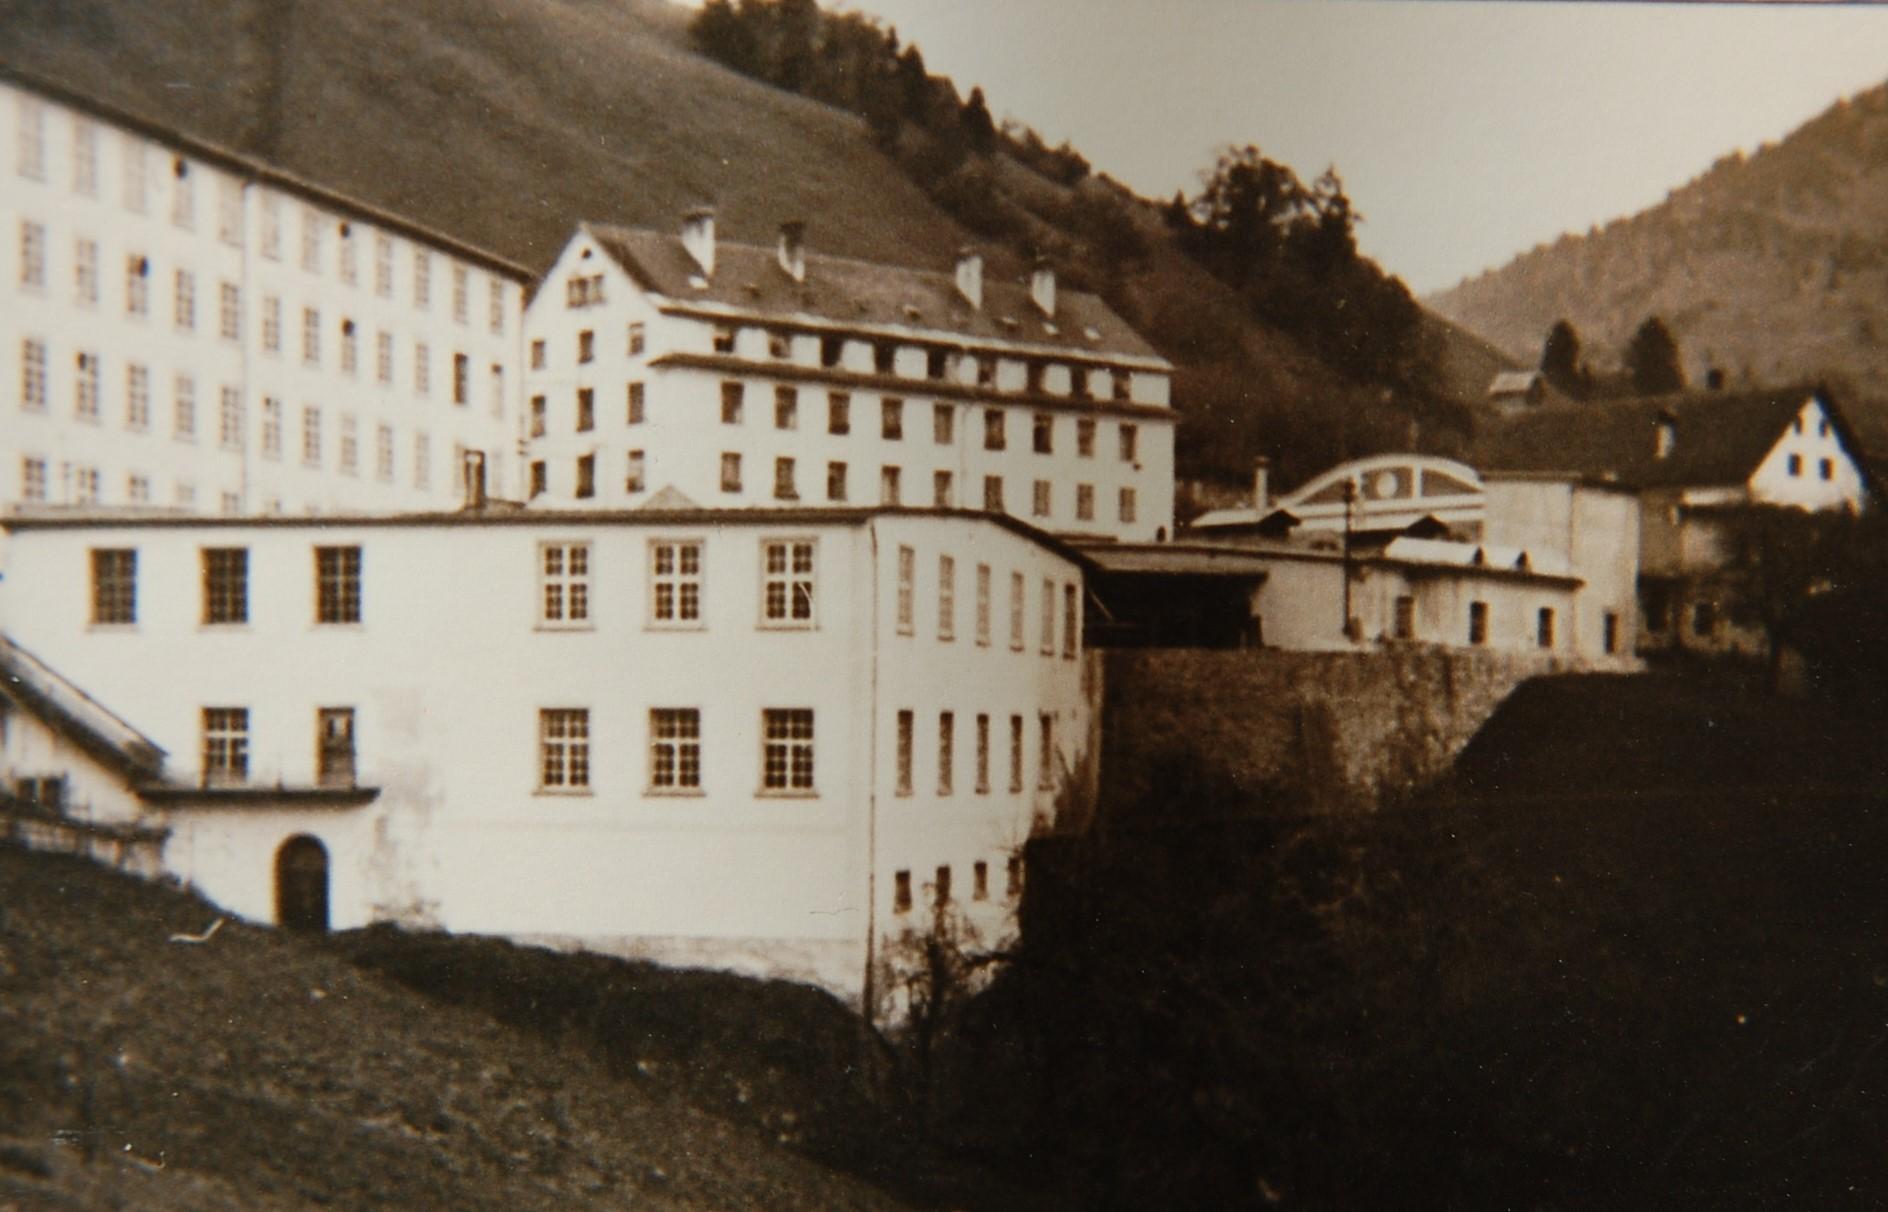 Die Fabriksanlage kurz nach dem Umbau des Fabrikshofs 1922  Foto um 1922 Gemeindearchiv Thüringen